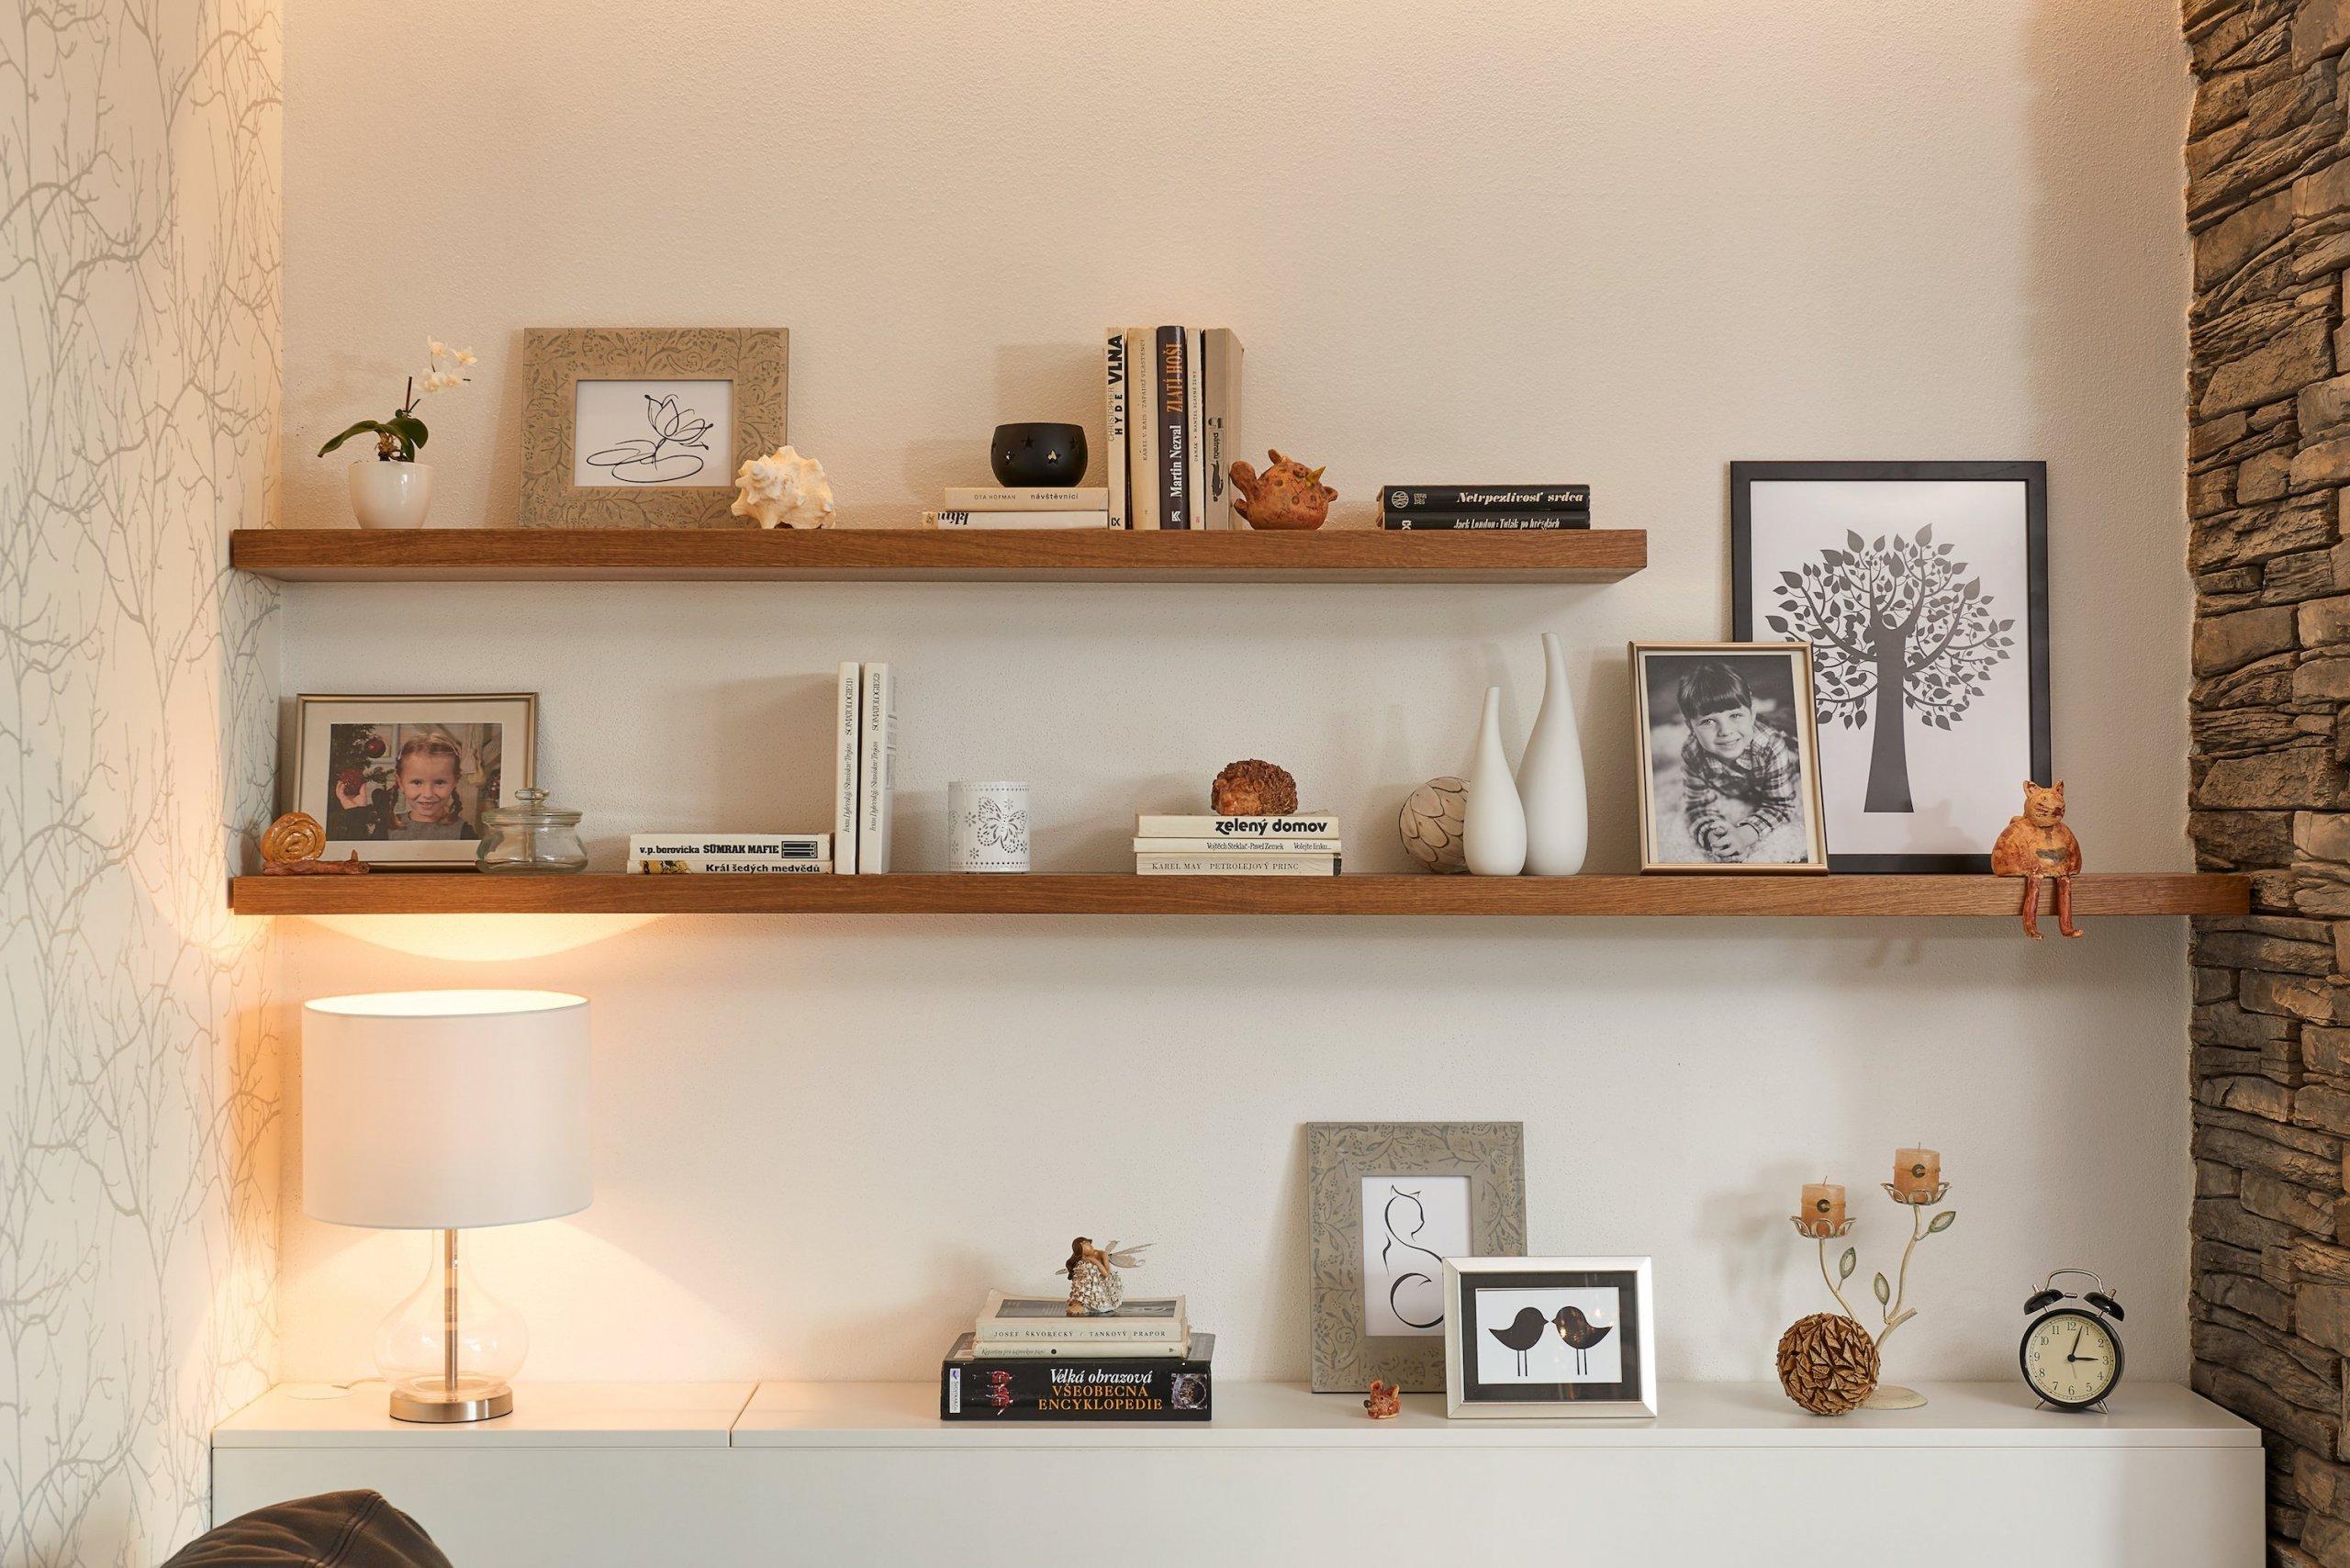 Zadáním pro tento projekt bylo využití dřeva, skla a kamene v komibinaci s neutrálními barvami. Cílem bylo vytvořit příjemný, nadčasový interiér v moderním…